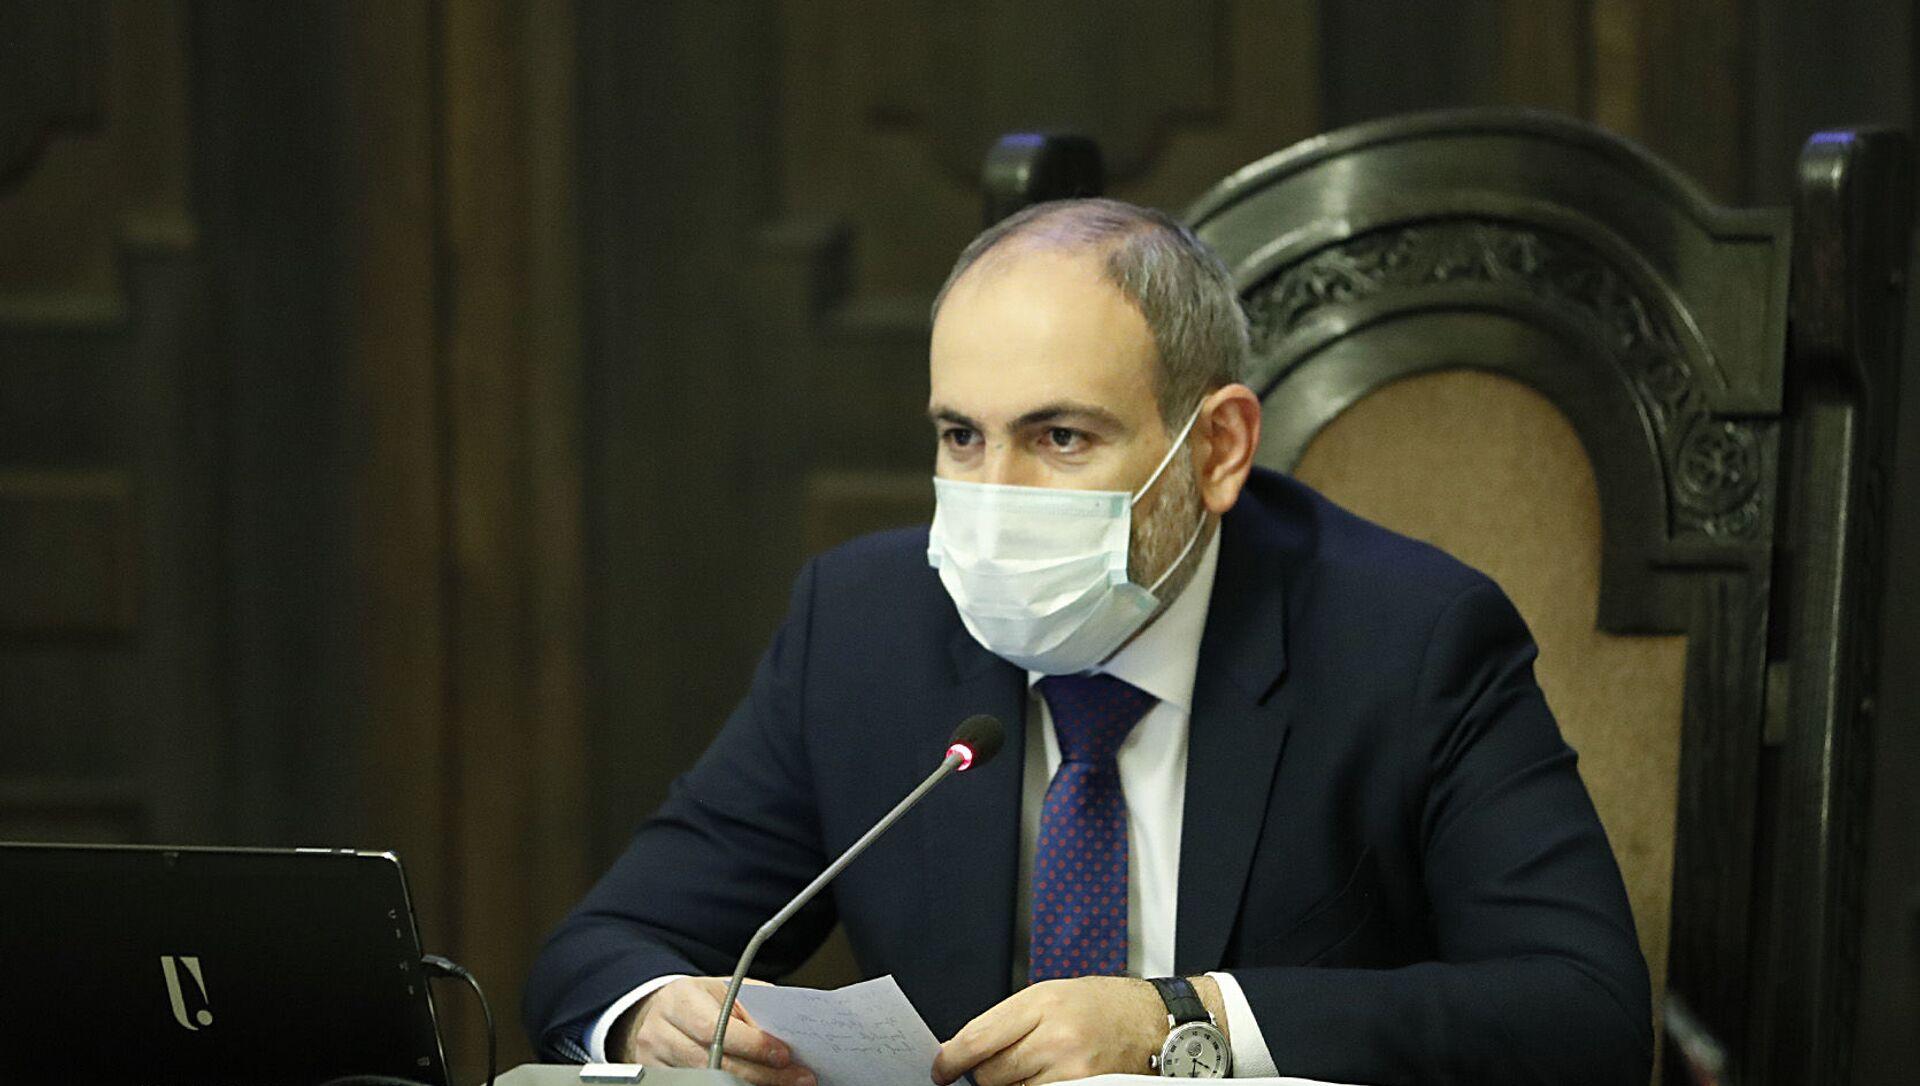 Премьер-министр Никол Пашинян в защитной медицинской маске во время заседания правительства (21 мая 2020). Ереван - Sputnik Армения, 1920, 29.07.2021